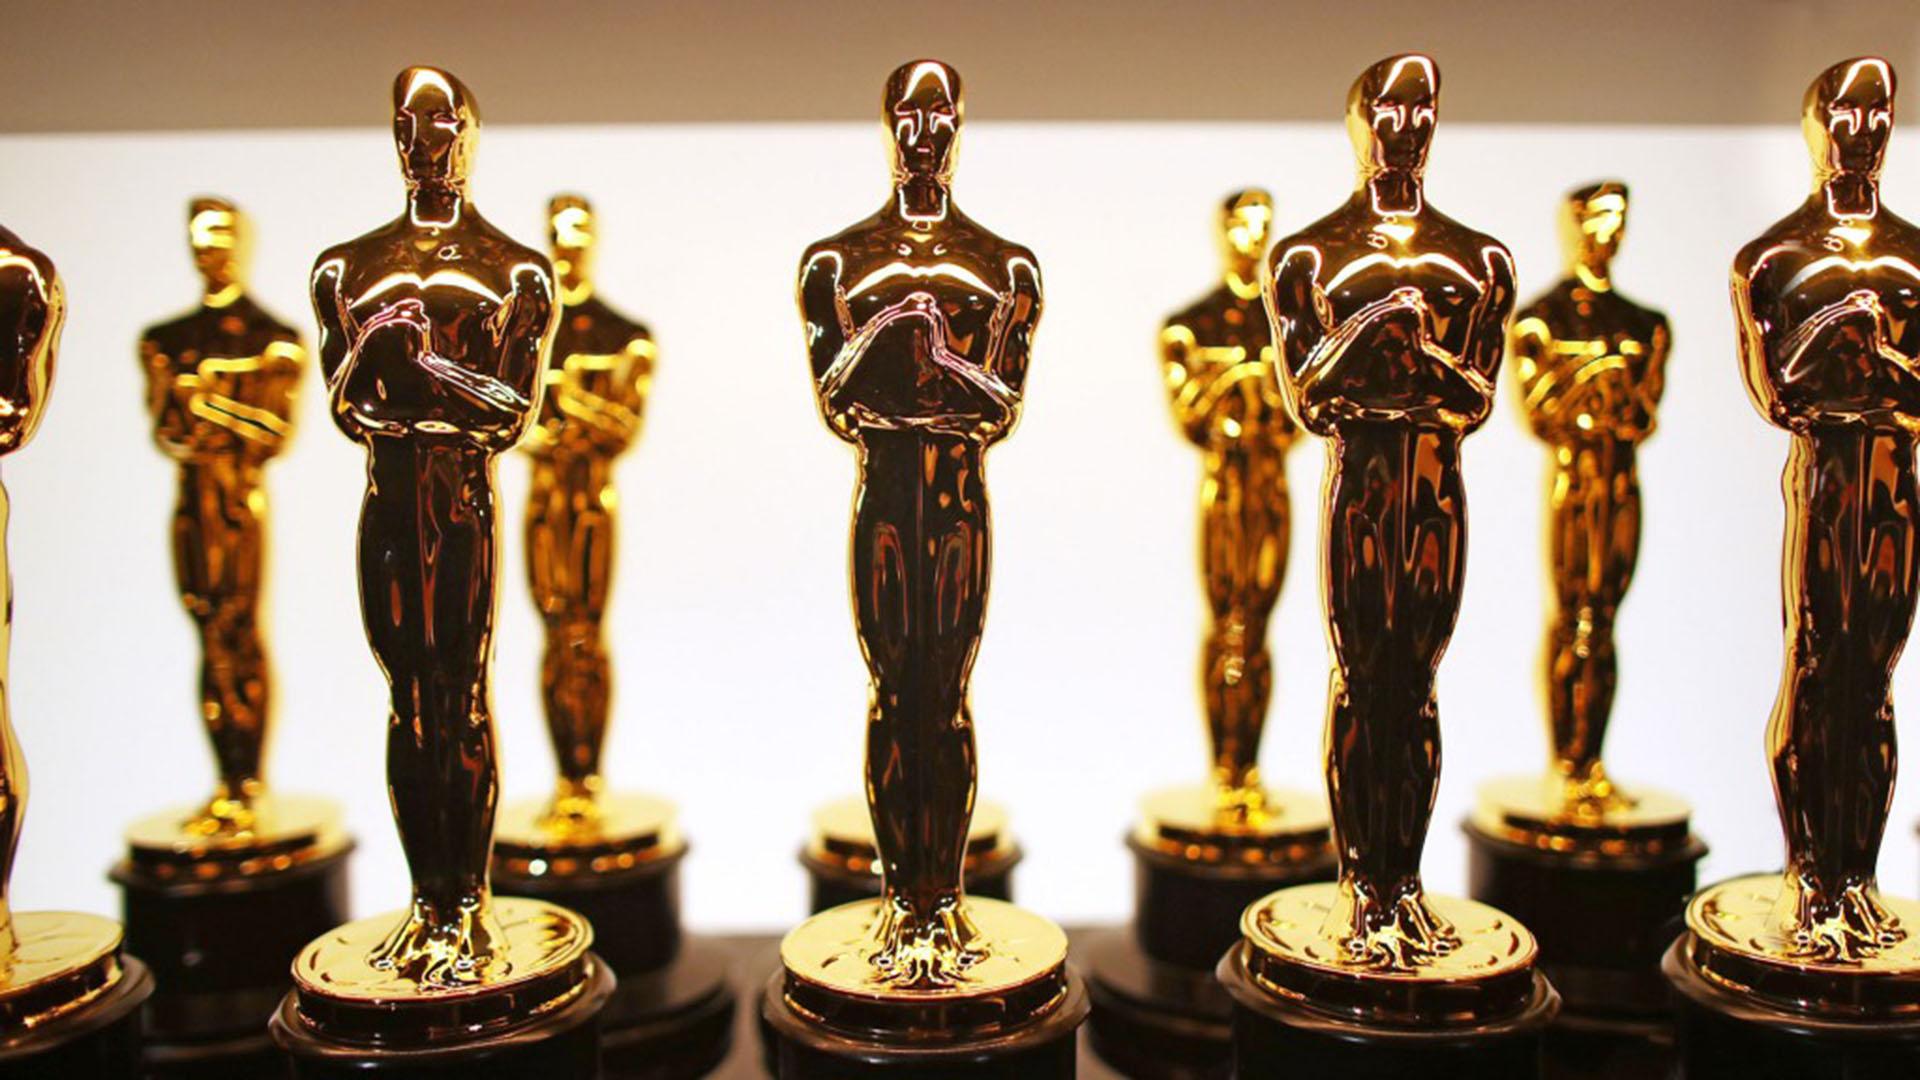 Los premios Óscar se entregan este domingo y acá algunas predicciones